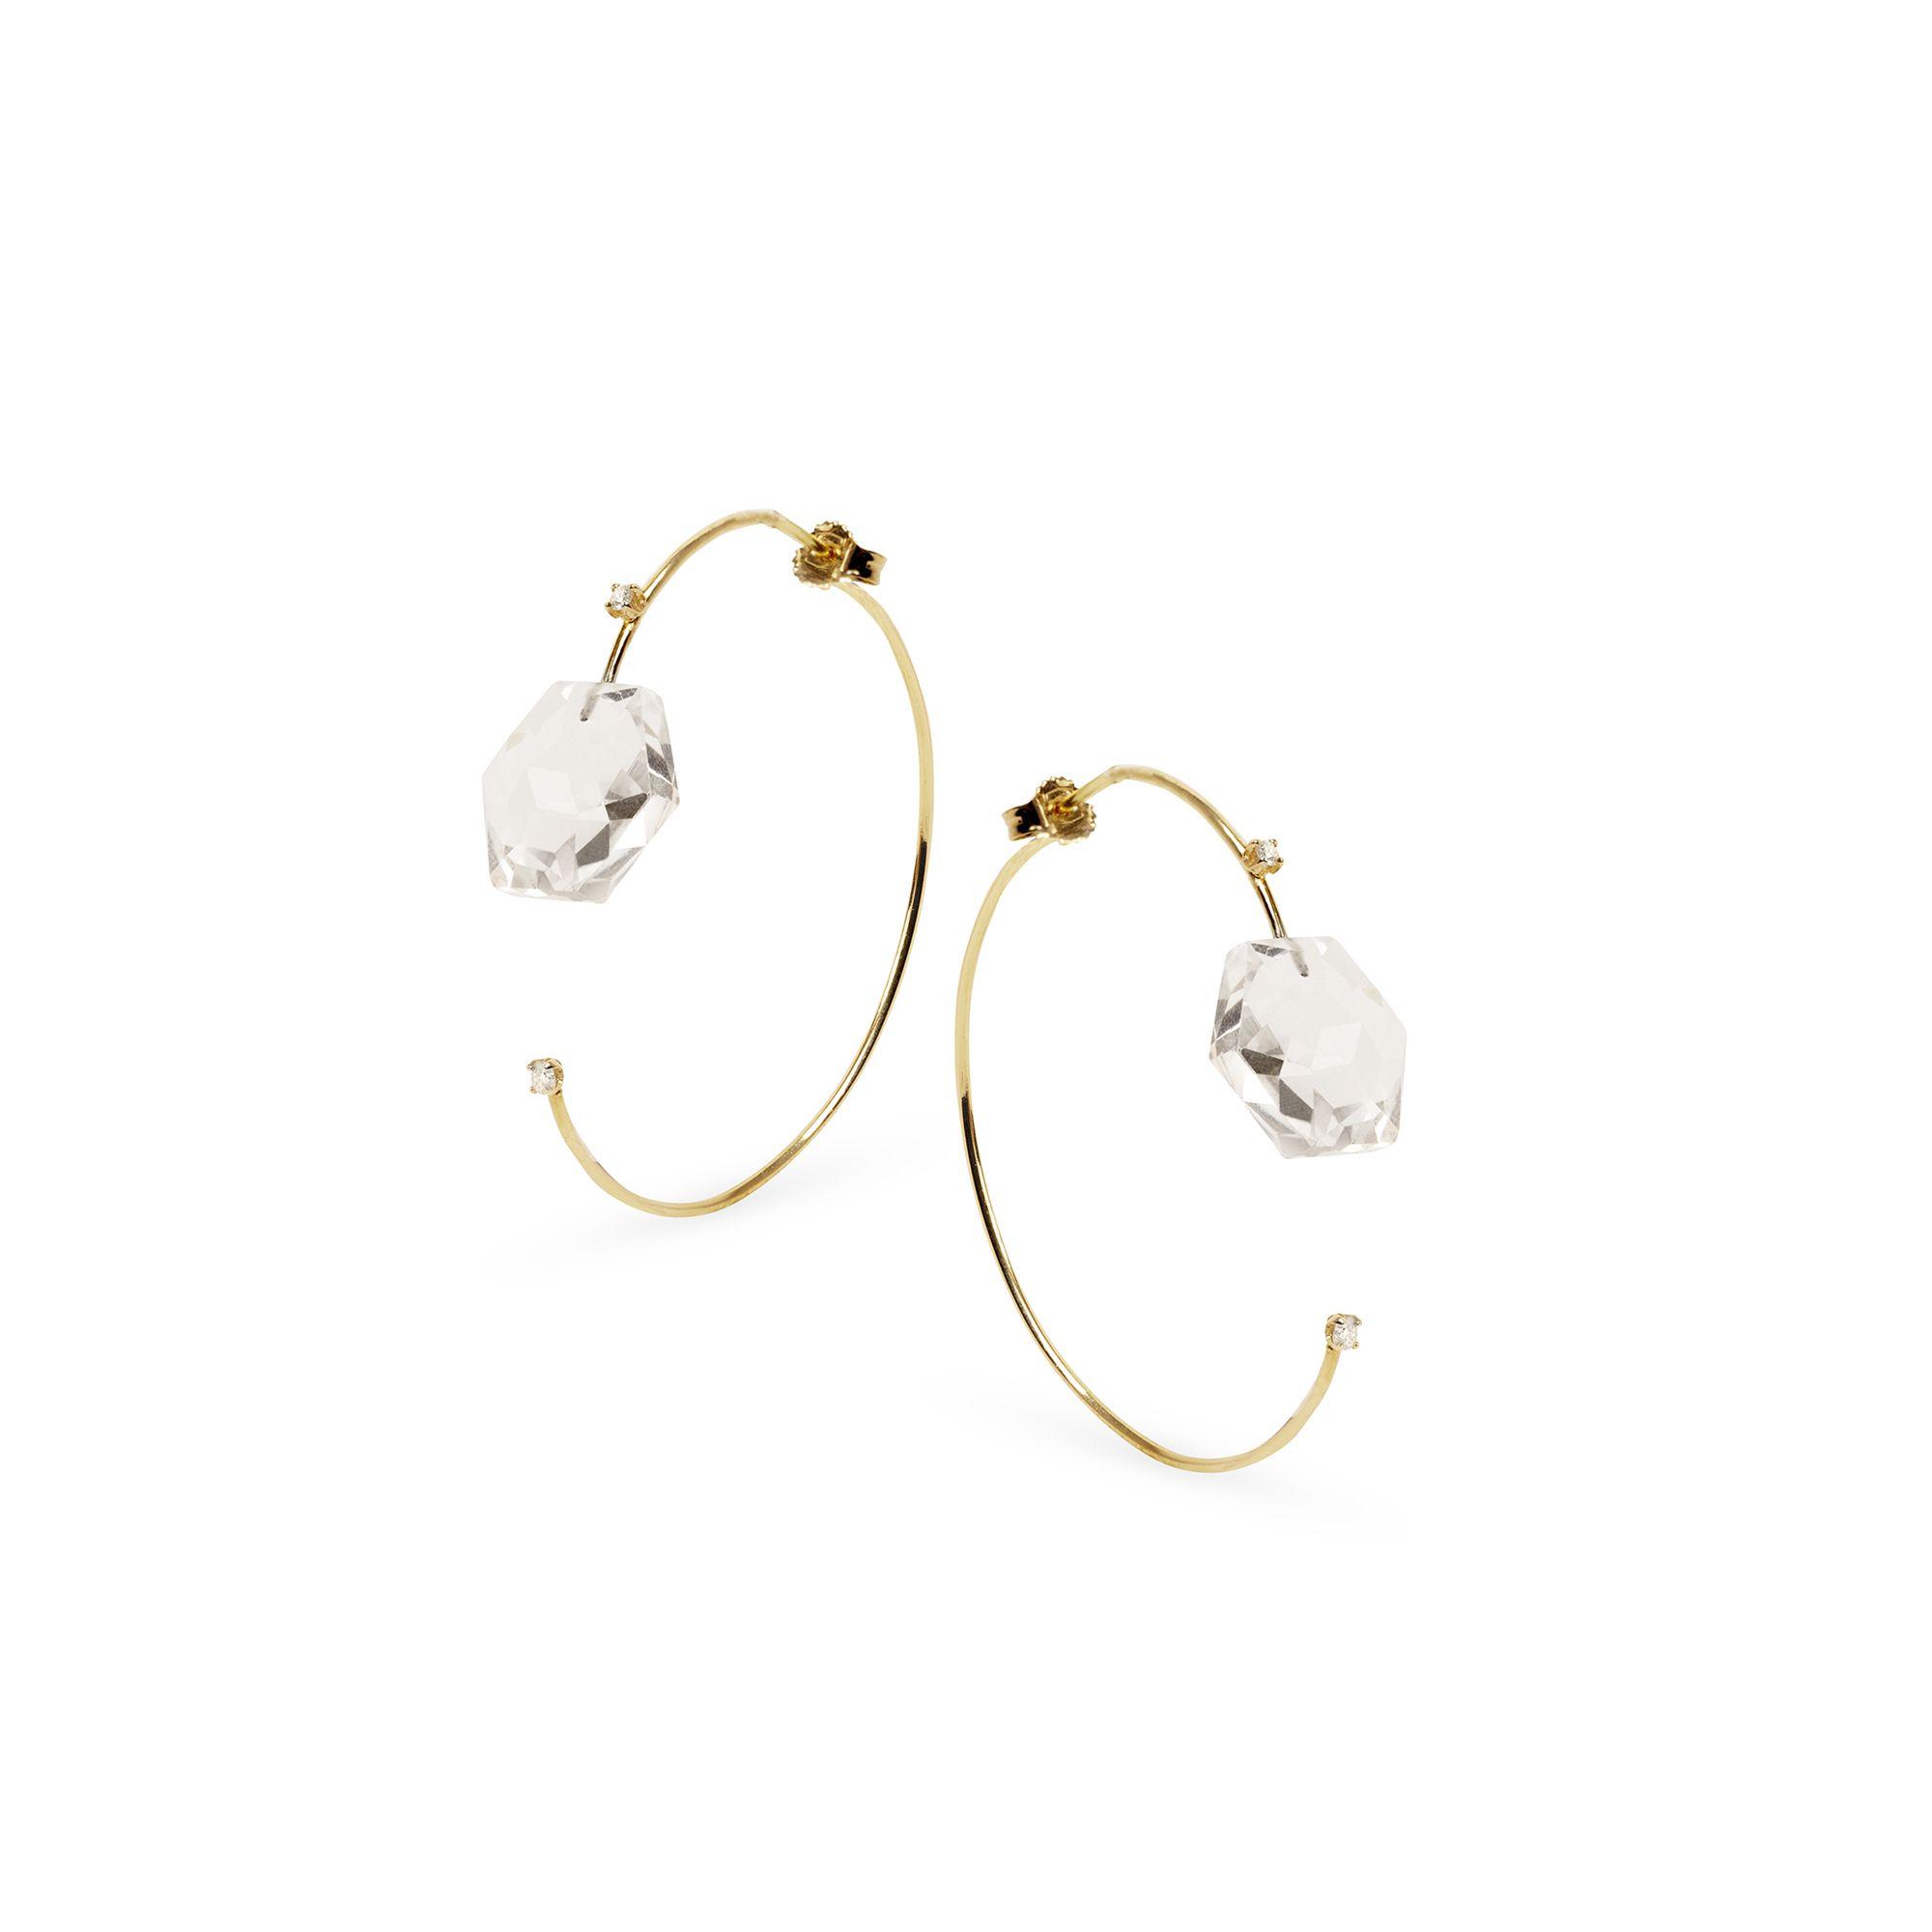 Cerchio 'Amo' con cristallo Orecchini in oro giallo, diamanti e cristallo di rocca